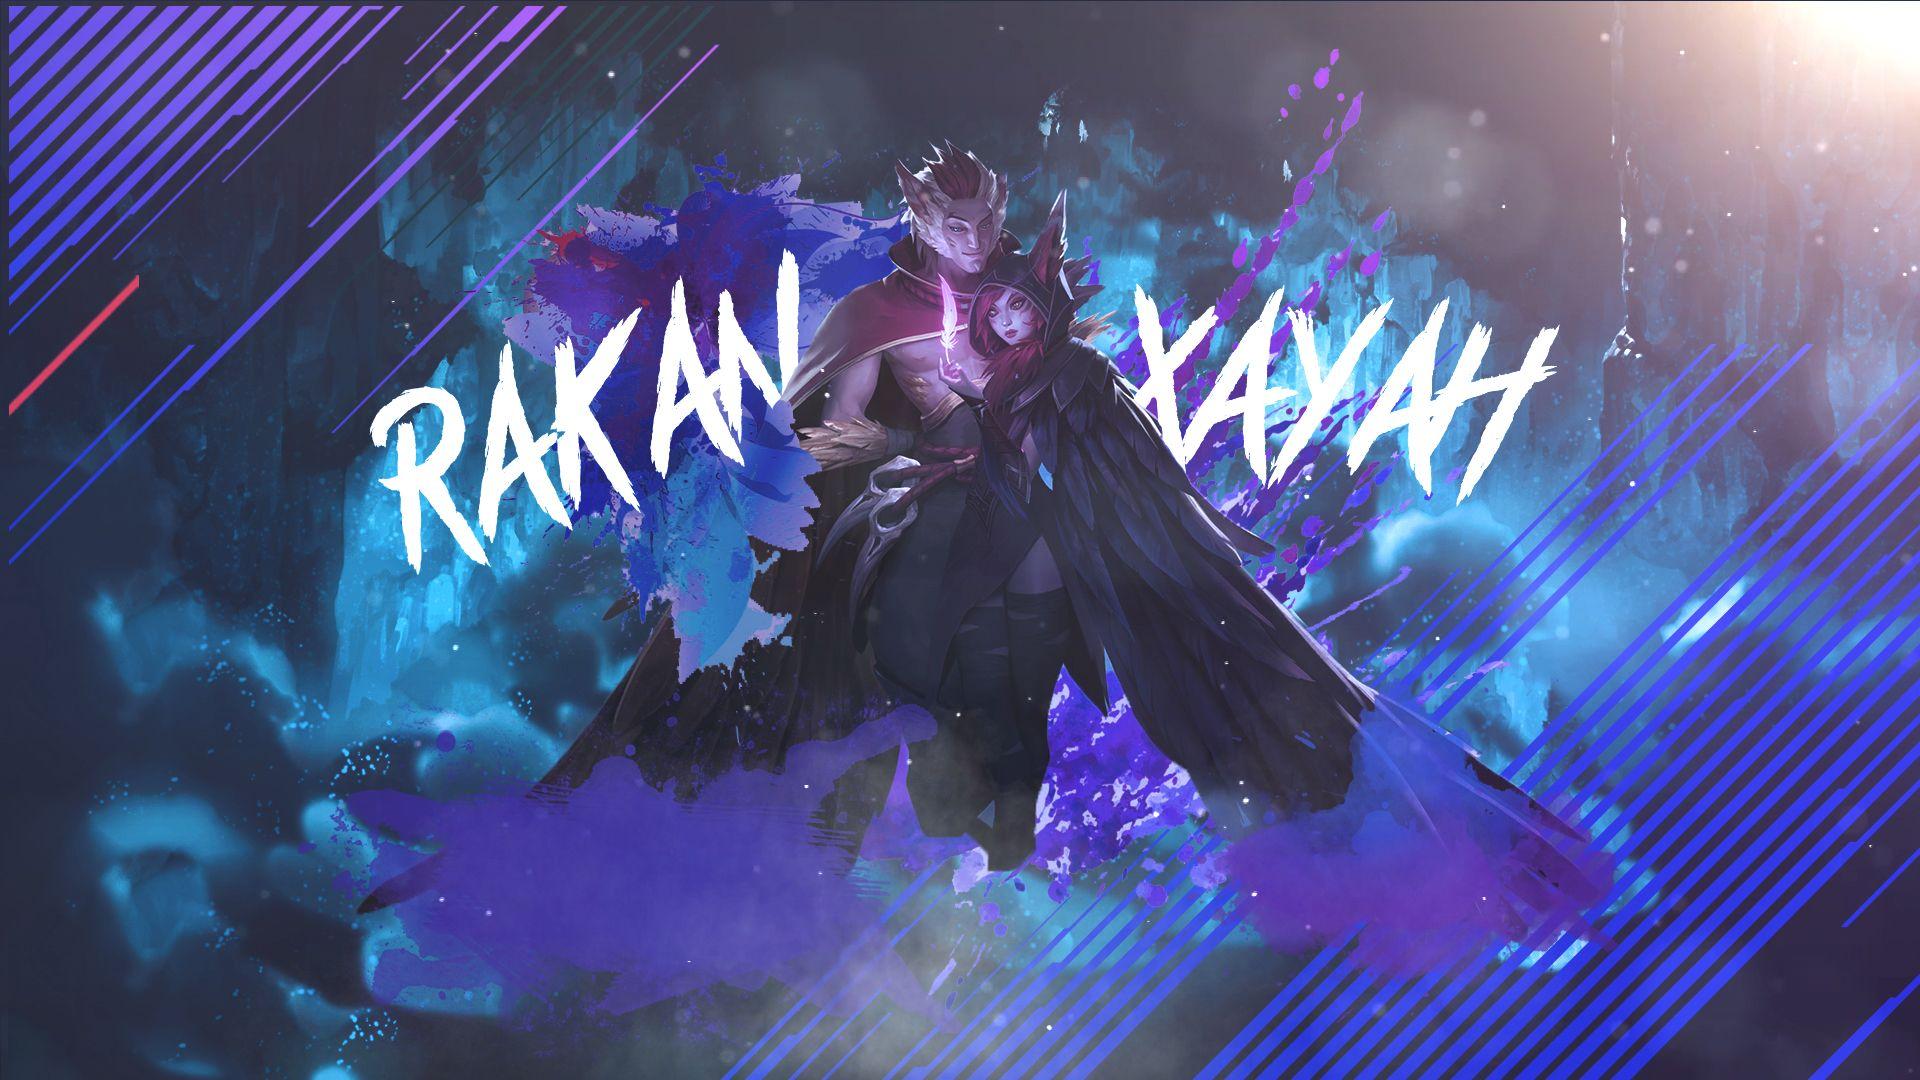 Wallpaper Rakan E Xayah By Vin1edits Xayah And Rakan League Of Legends Lol